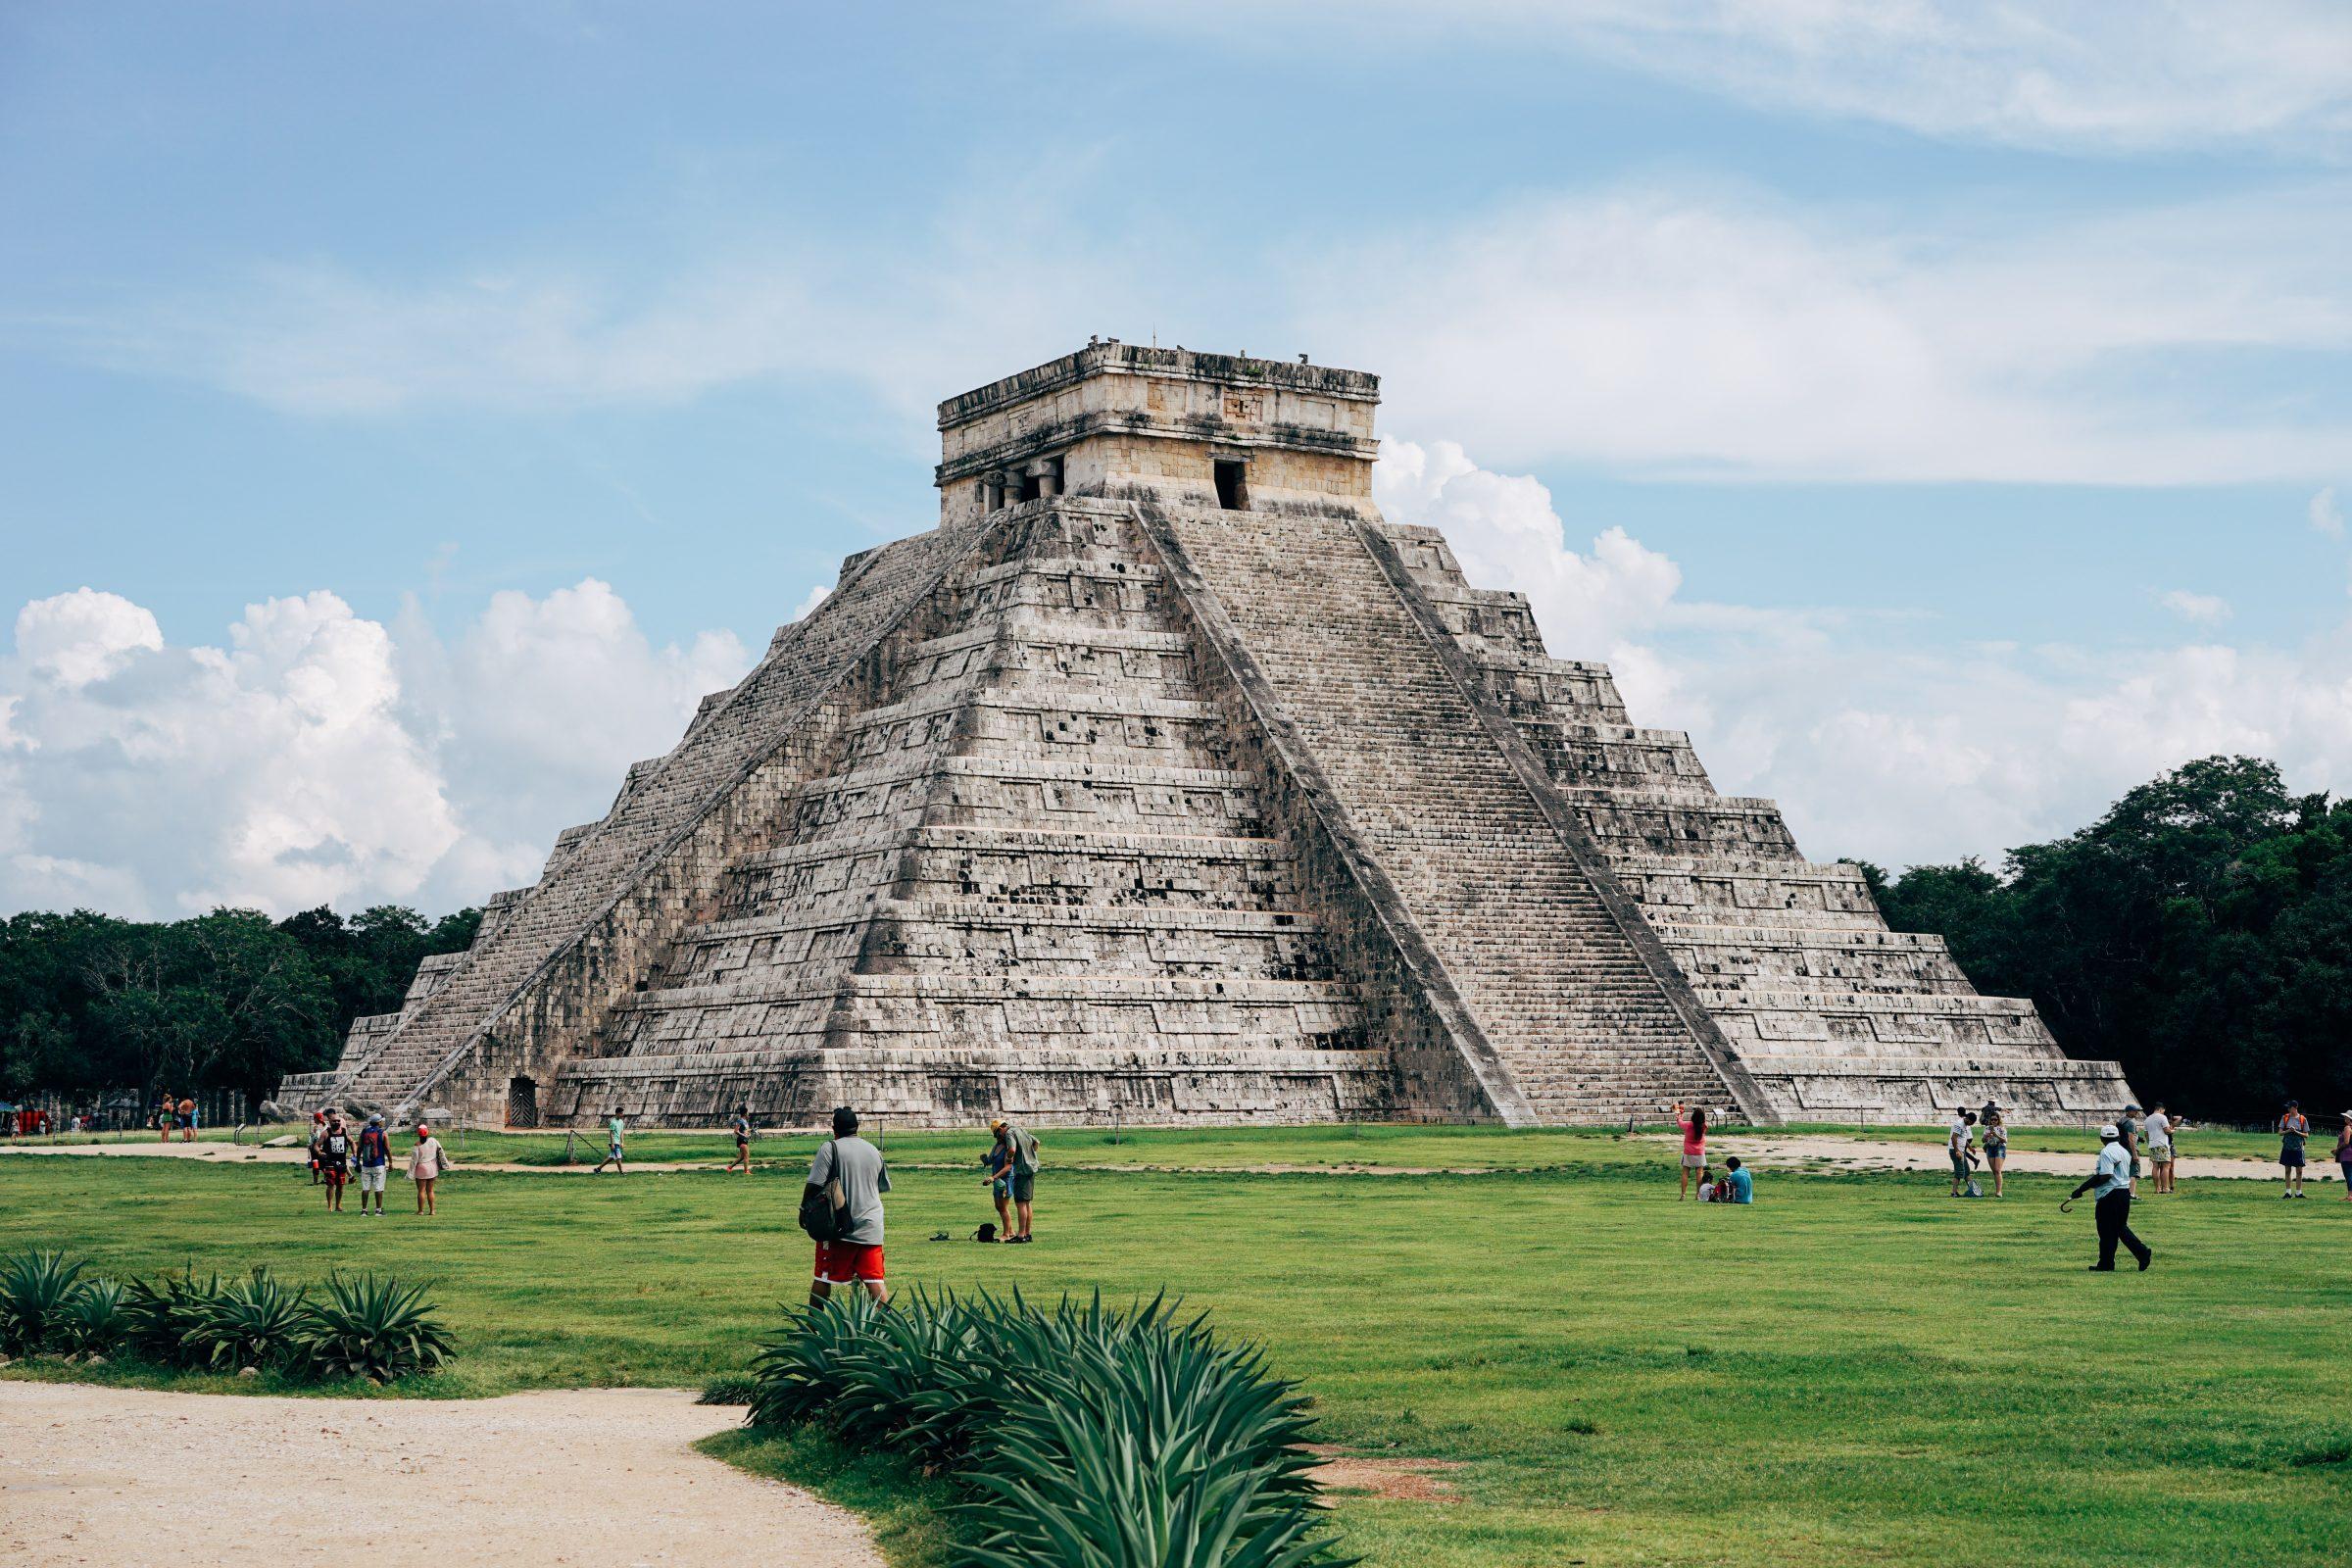 de 7 wereldwonderen | Chichén Itzá